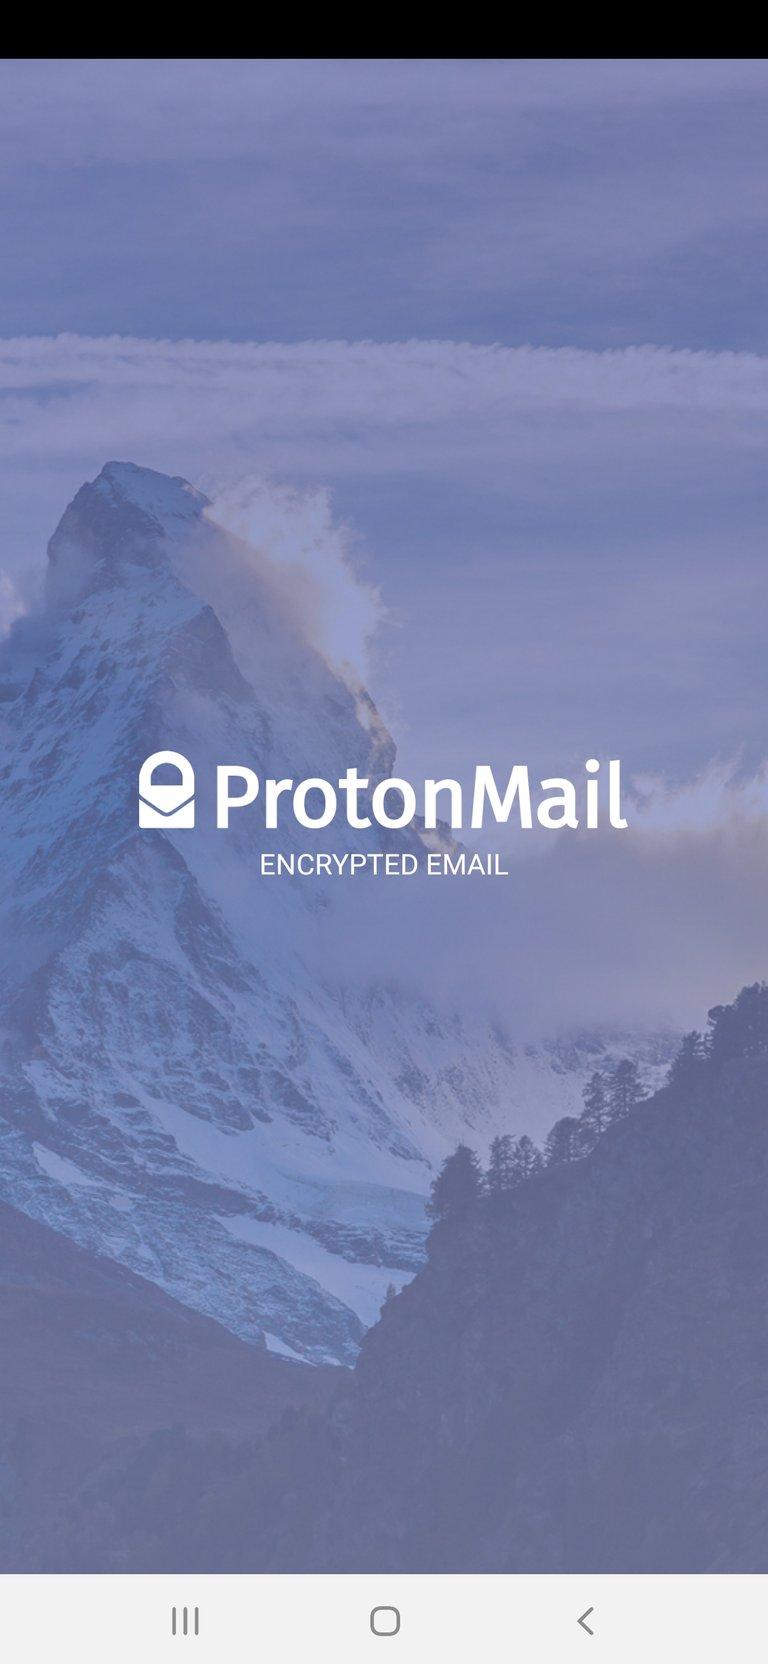 Screenshot_20210203-121713_ProtonMail.jpg